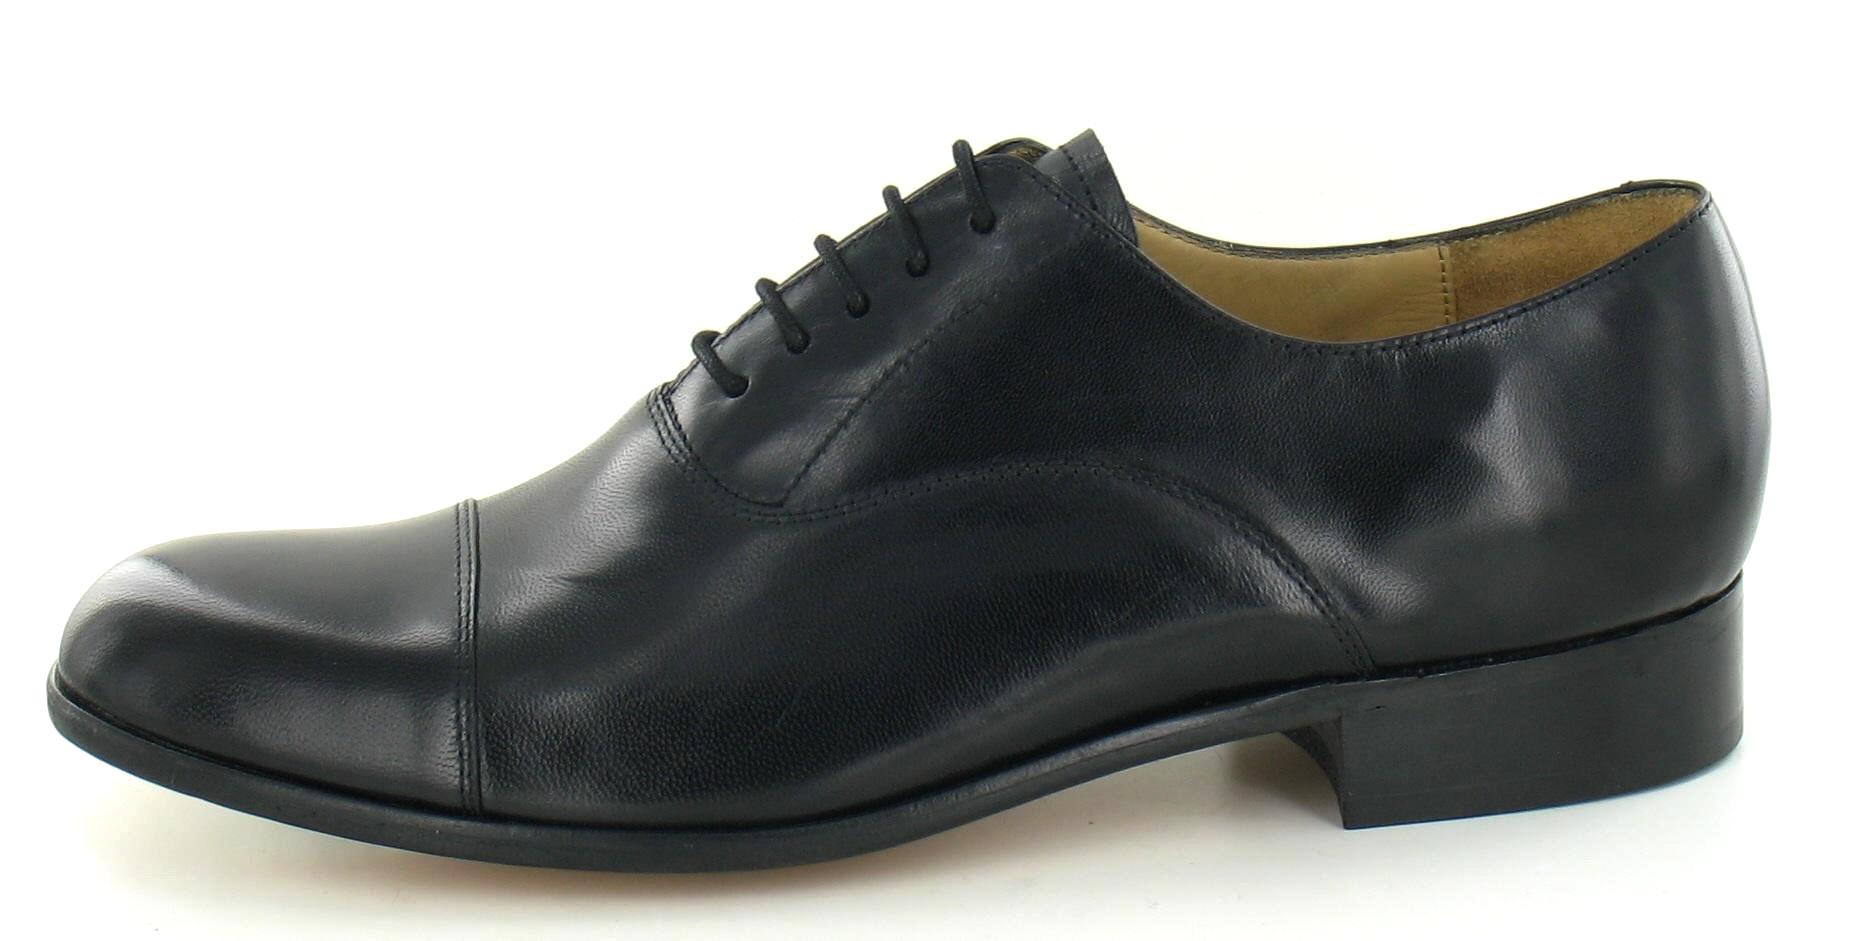 Thomas Blunt Paddington 2 Leather Leather Leather ebea0e